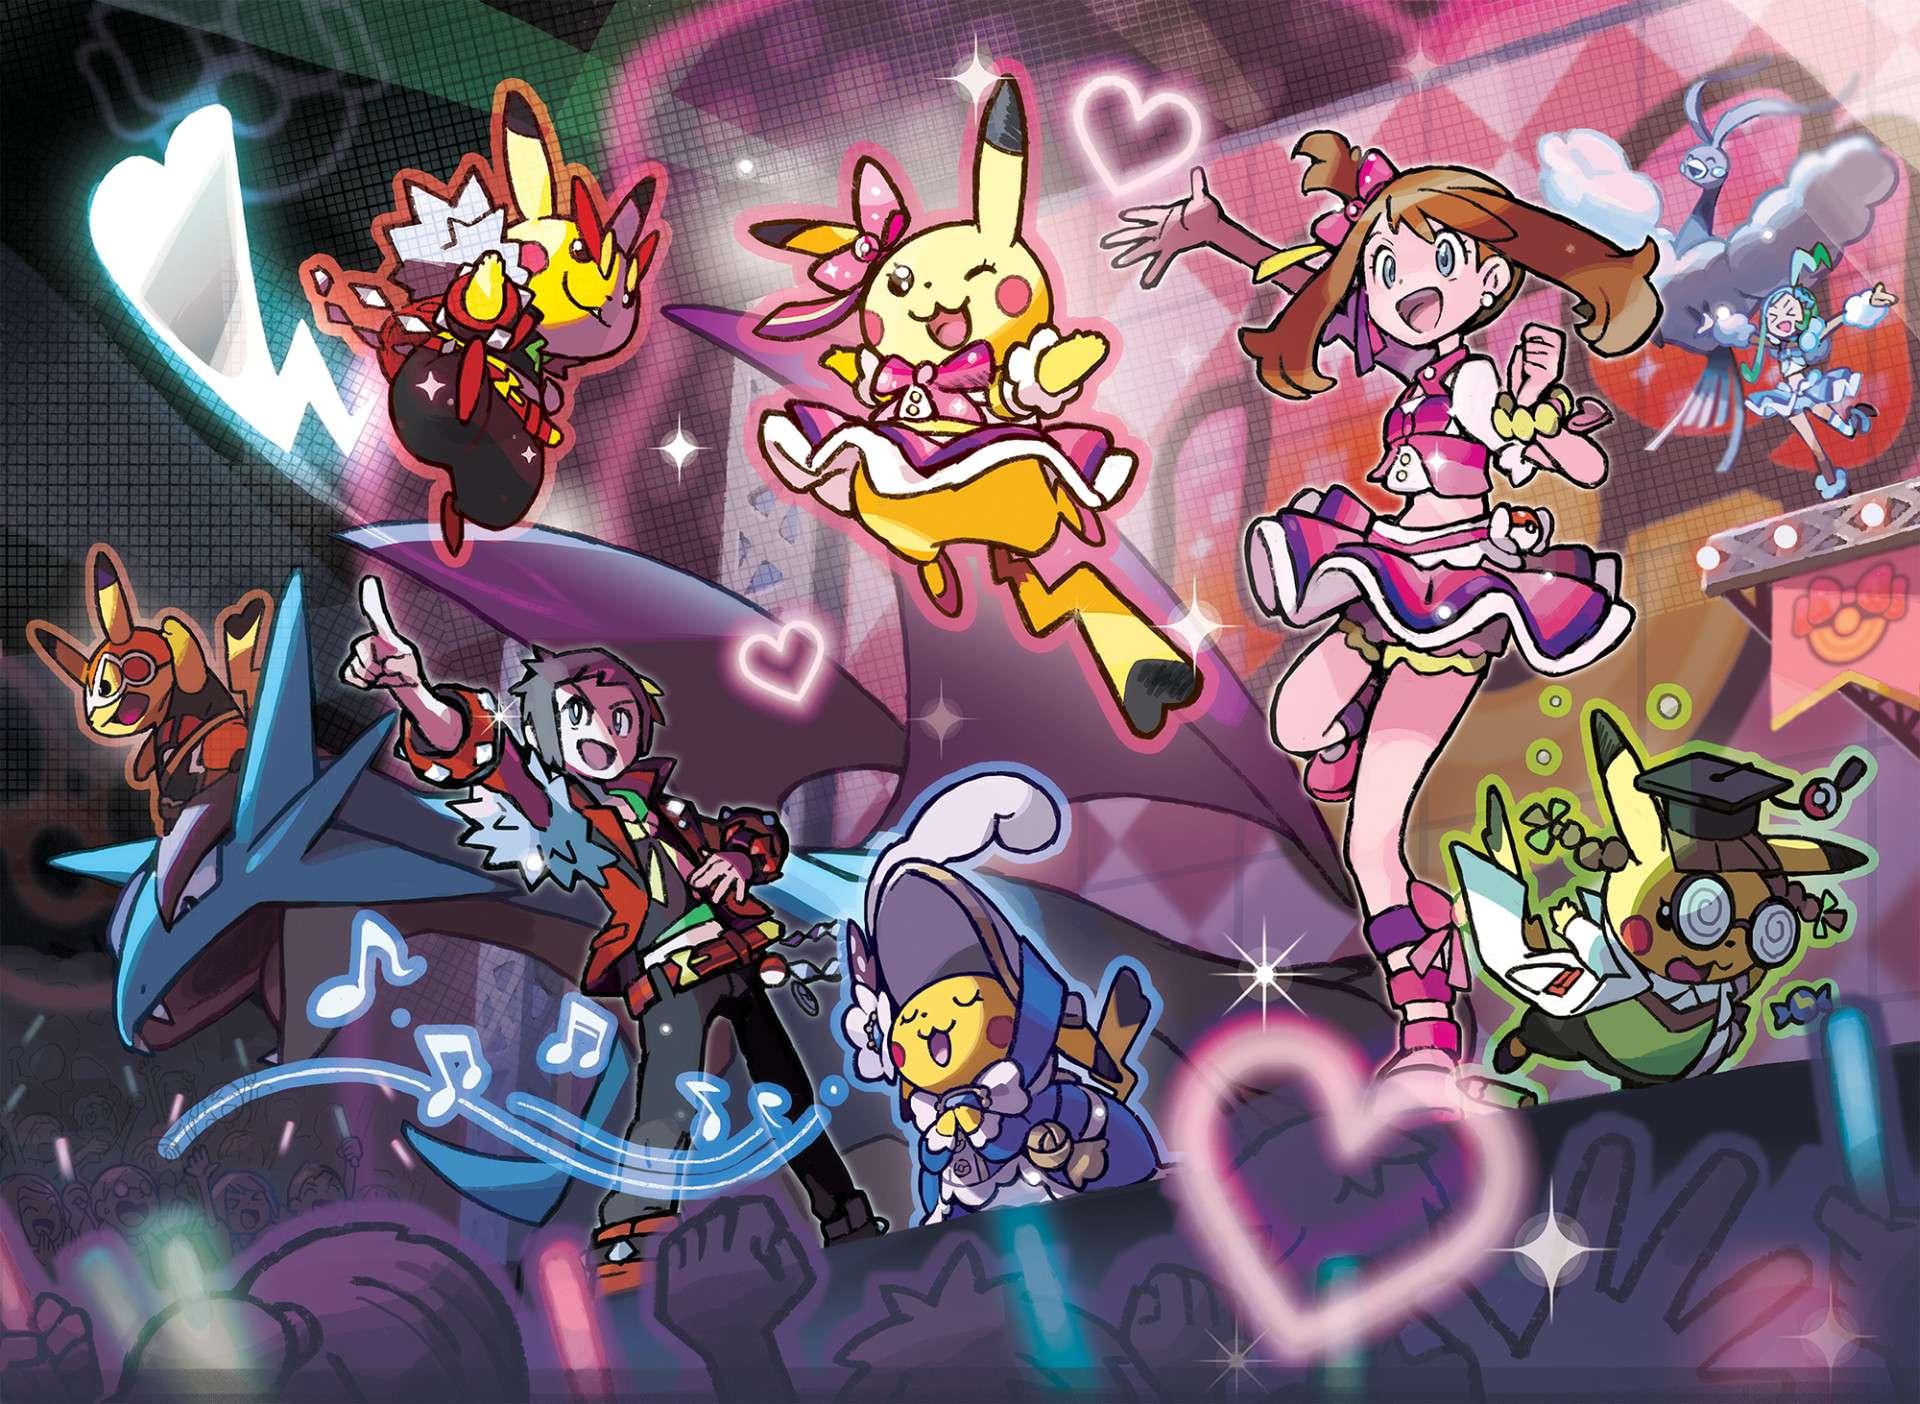 Las dos versiones de Pokémon son un remake de un juego aparecido para Game Boy Advance en 2002 y que añaden nuevas funcionalidades. Foto: Nintendo